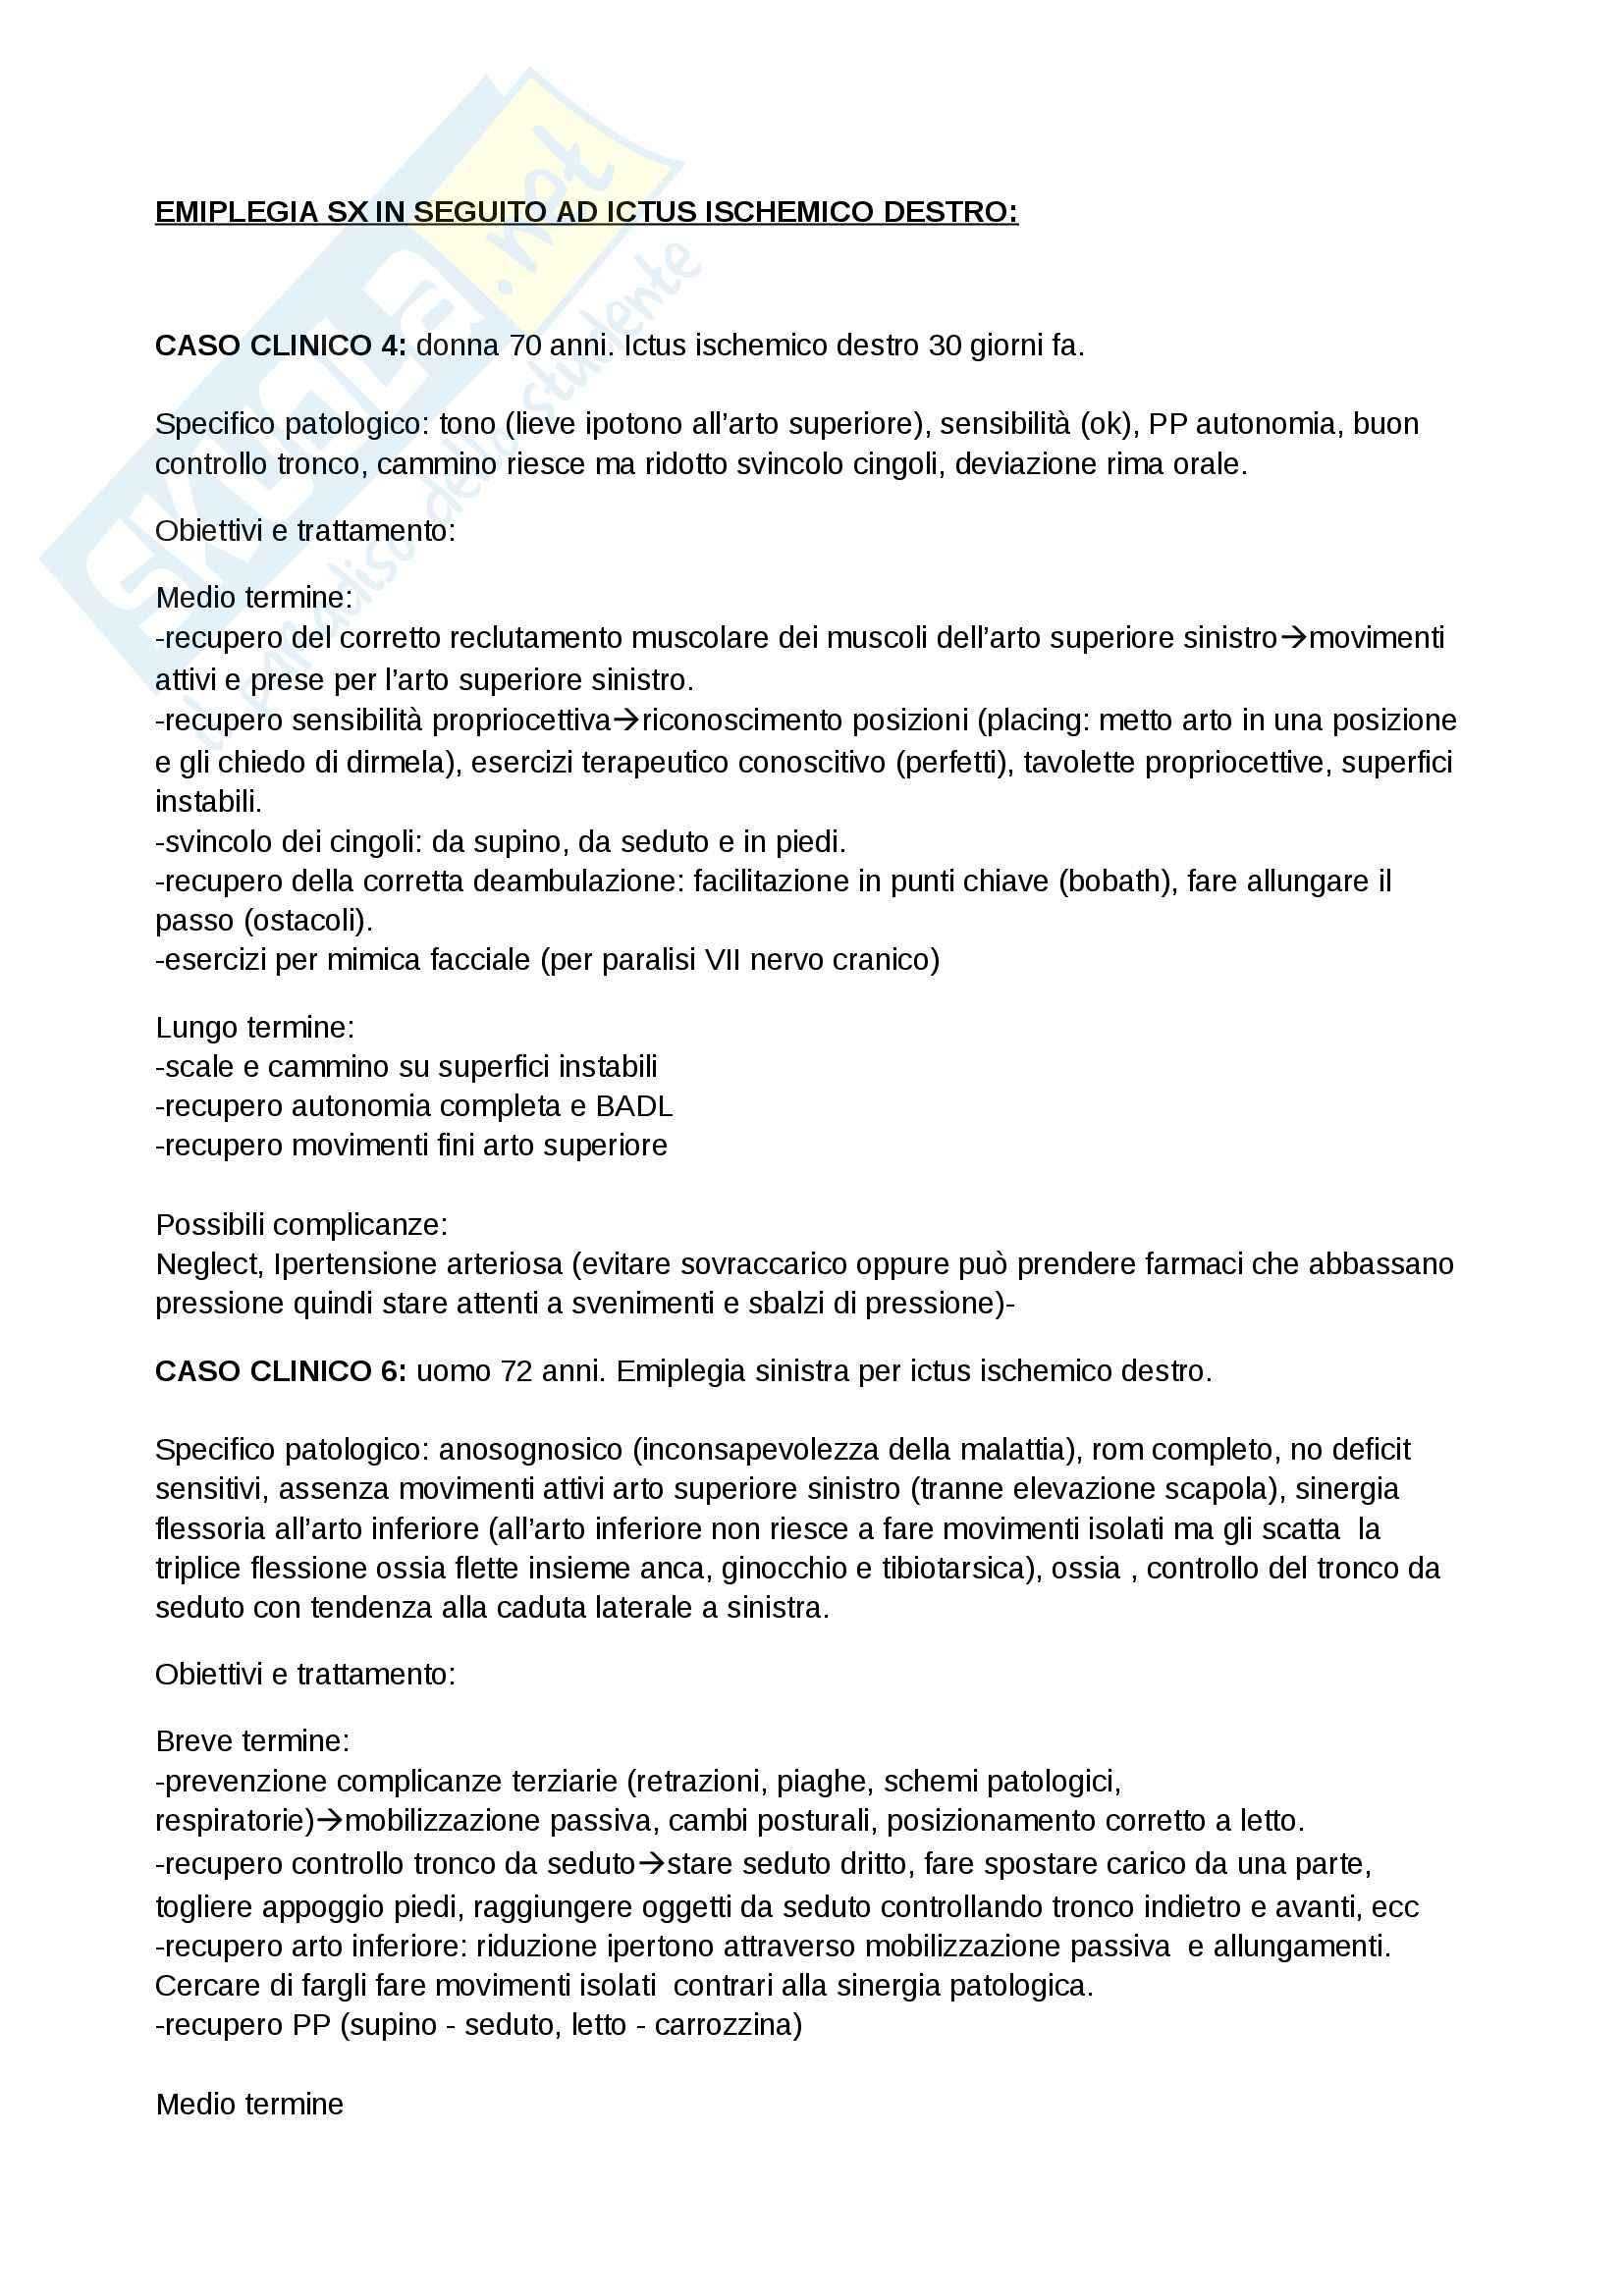 Riabilitazione neurologica - risoluzione dei casi clinici neurologici